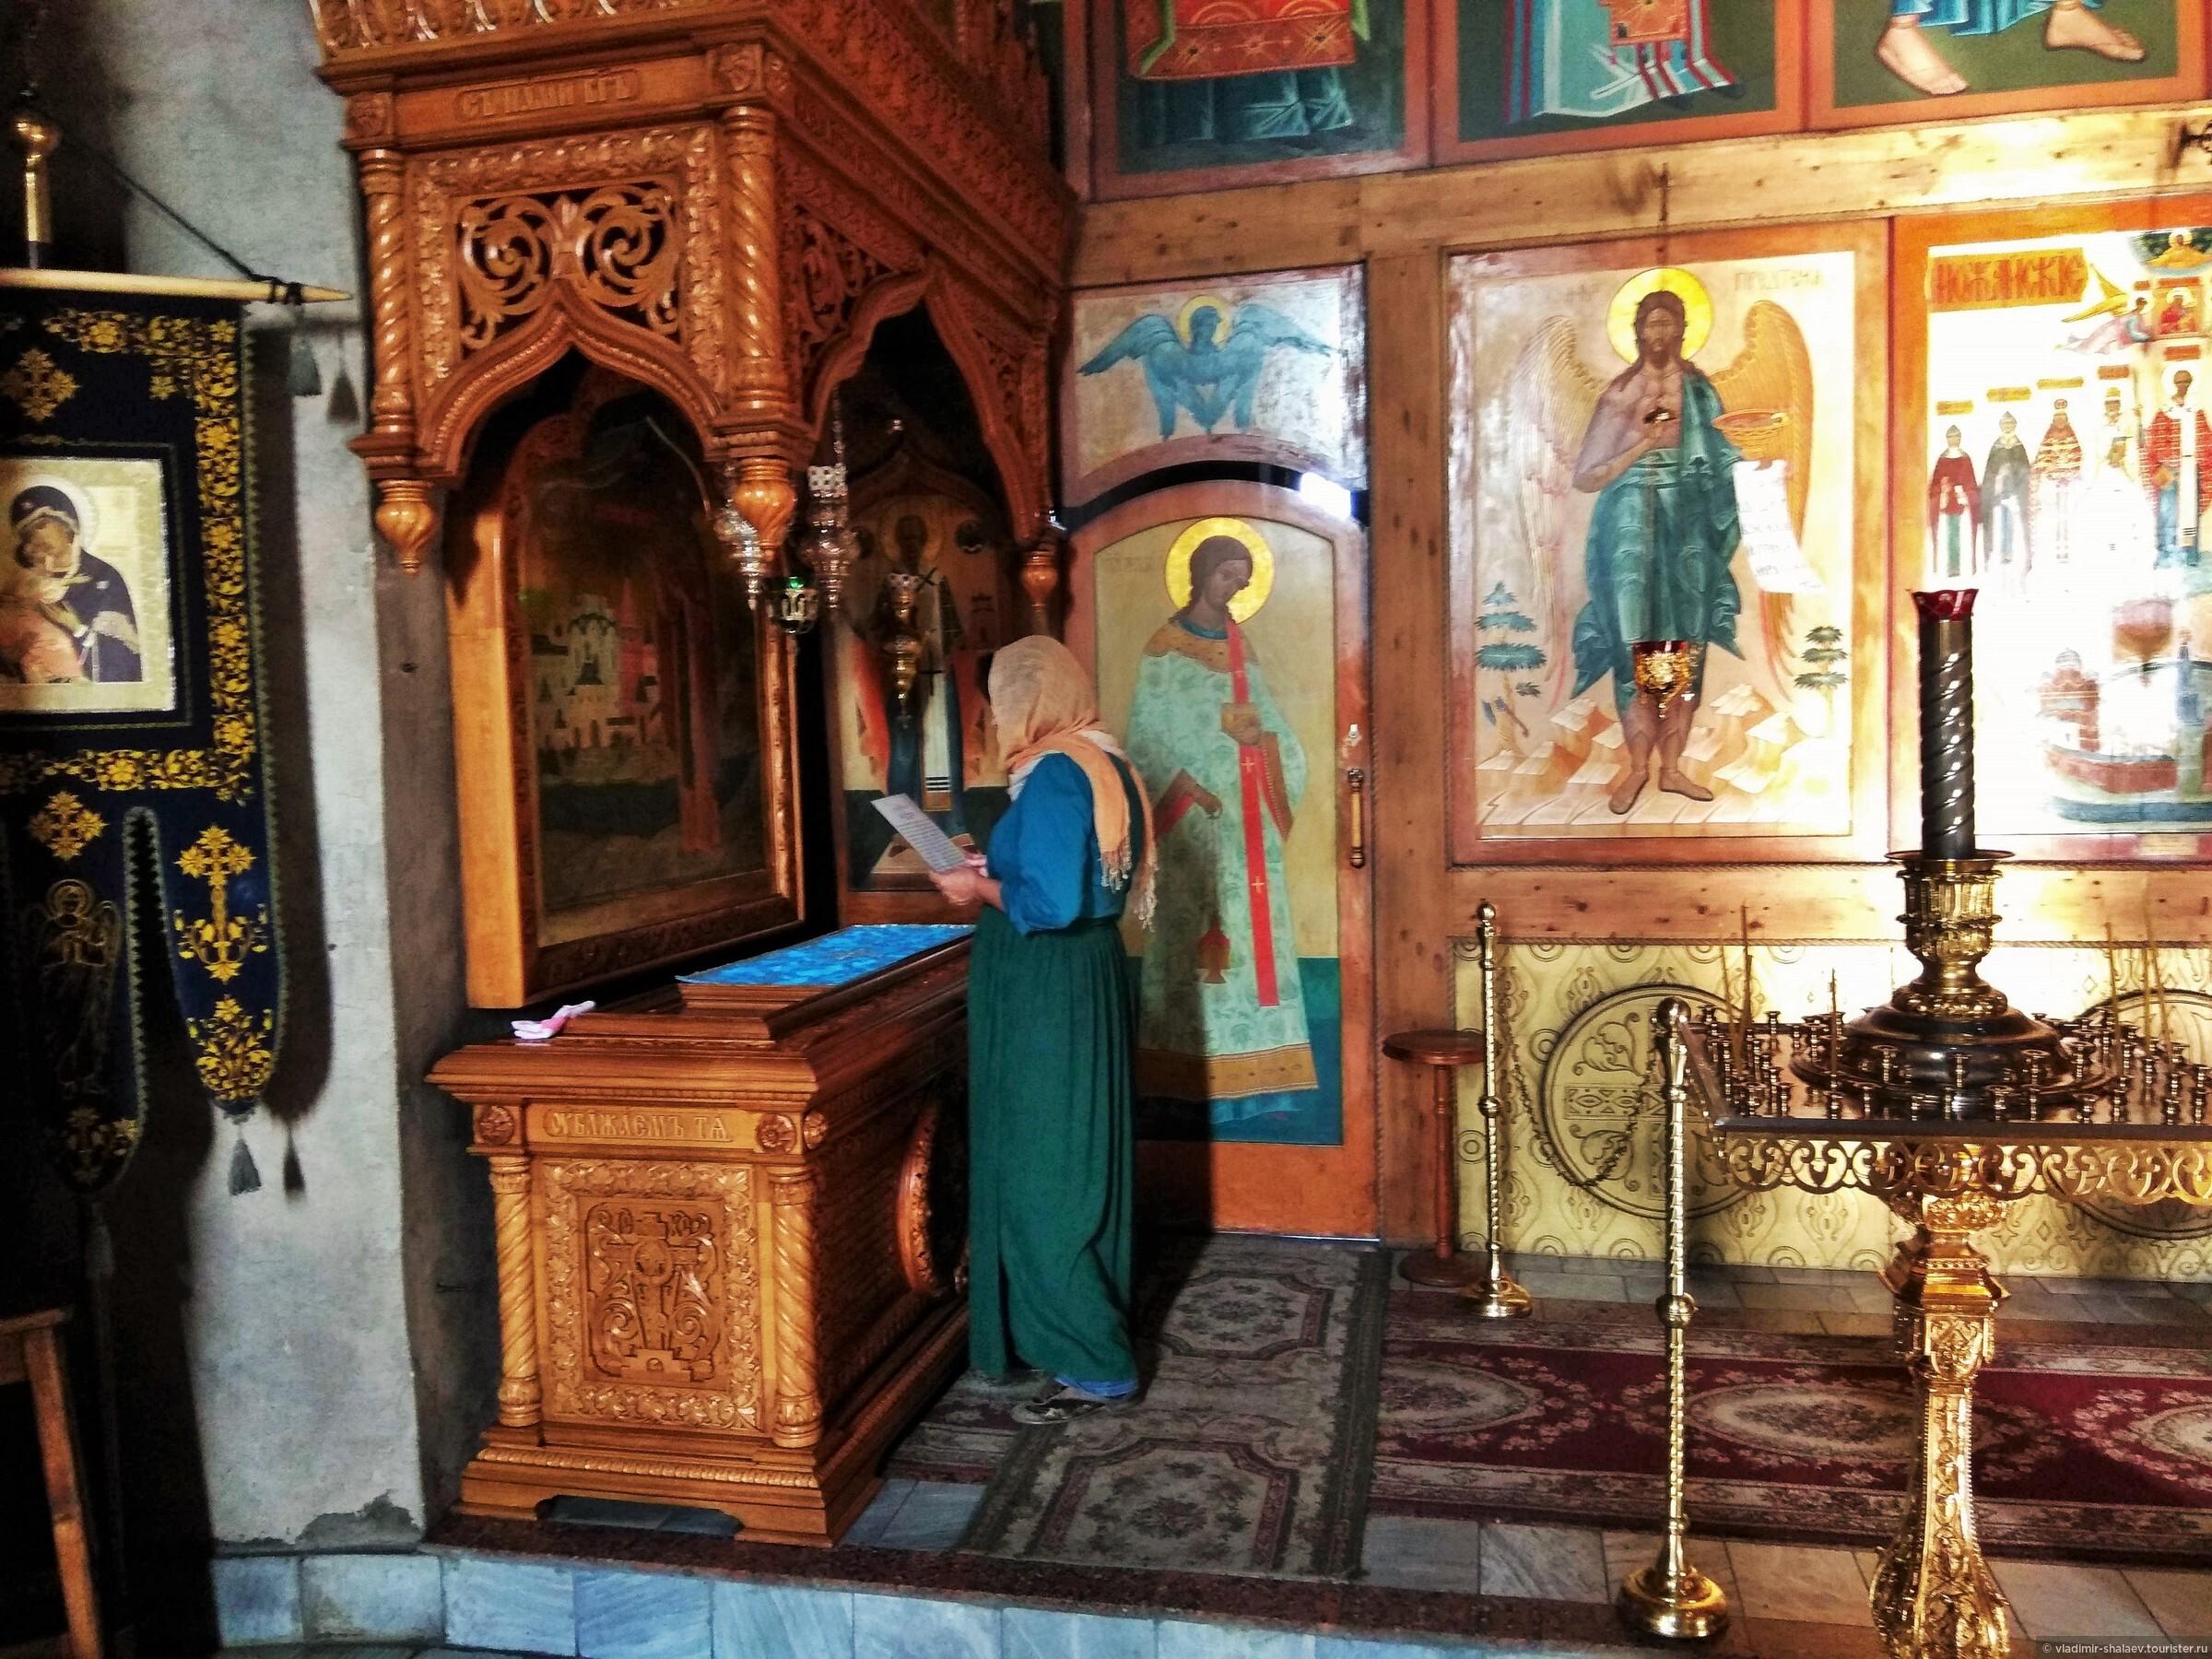 В соборе почивают святые мощи преподобного Ферапонта Белозерского., Попутный город